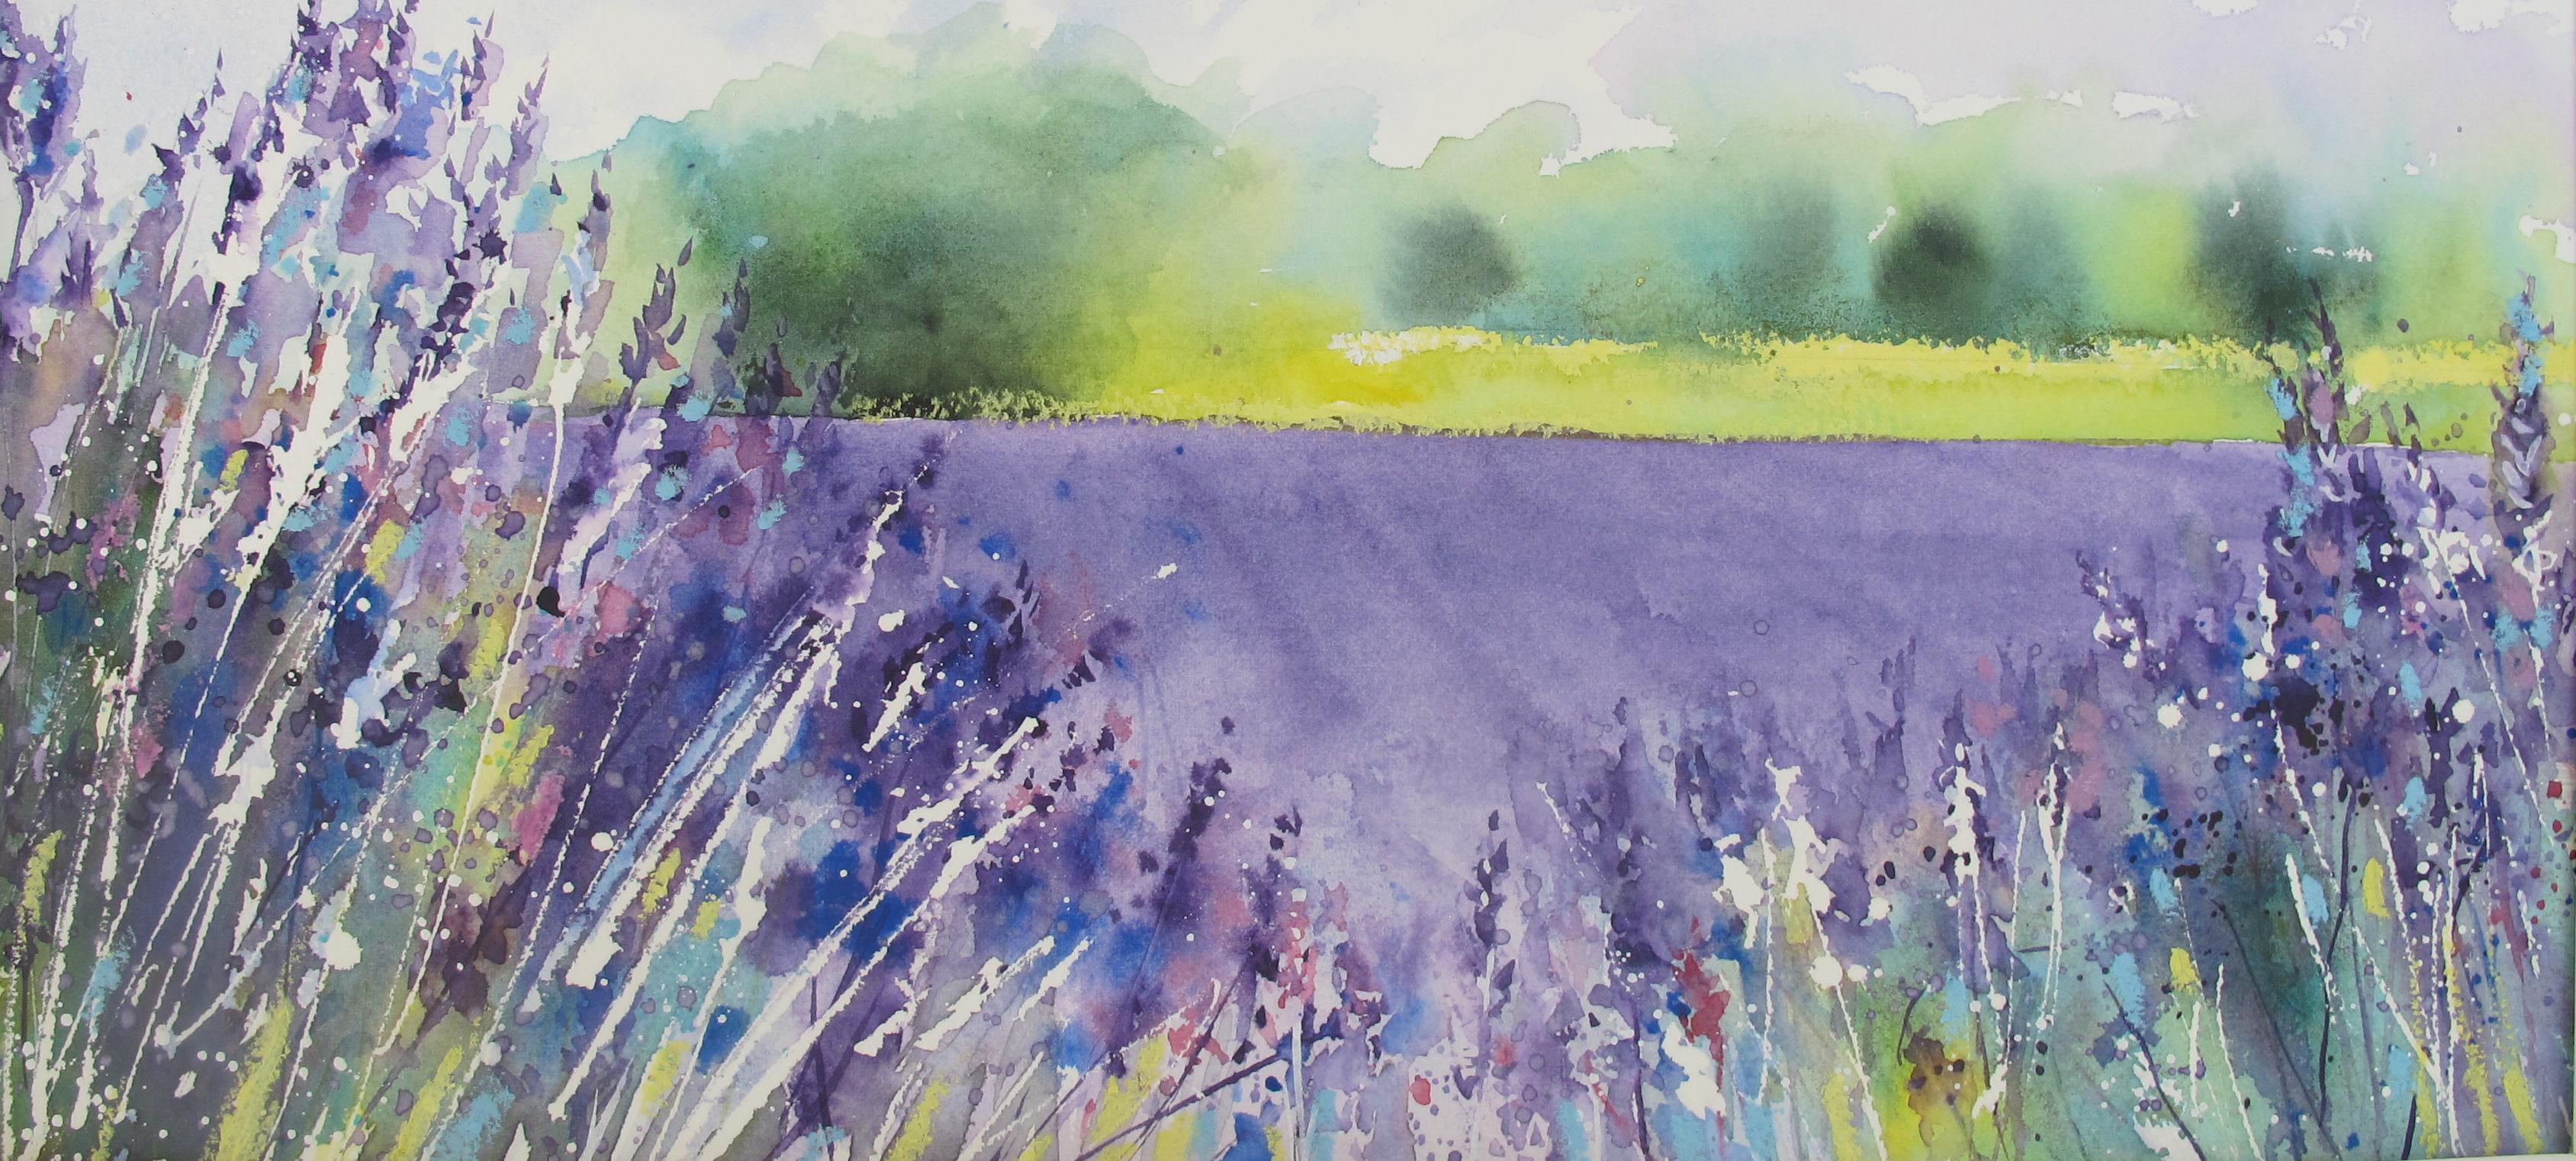 Field of Lavender by Chris Lockwood